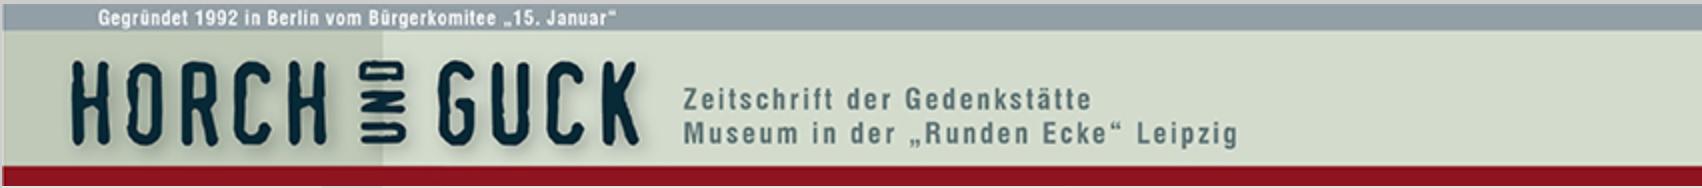 horch-und-guck.info